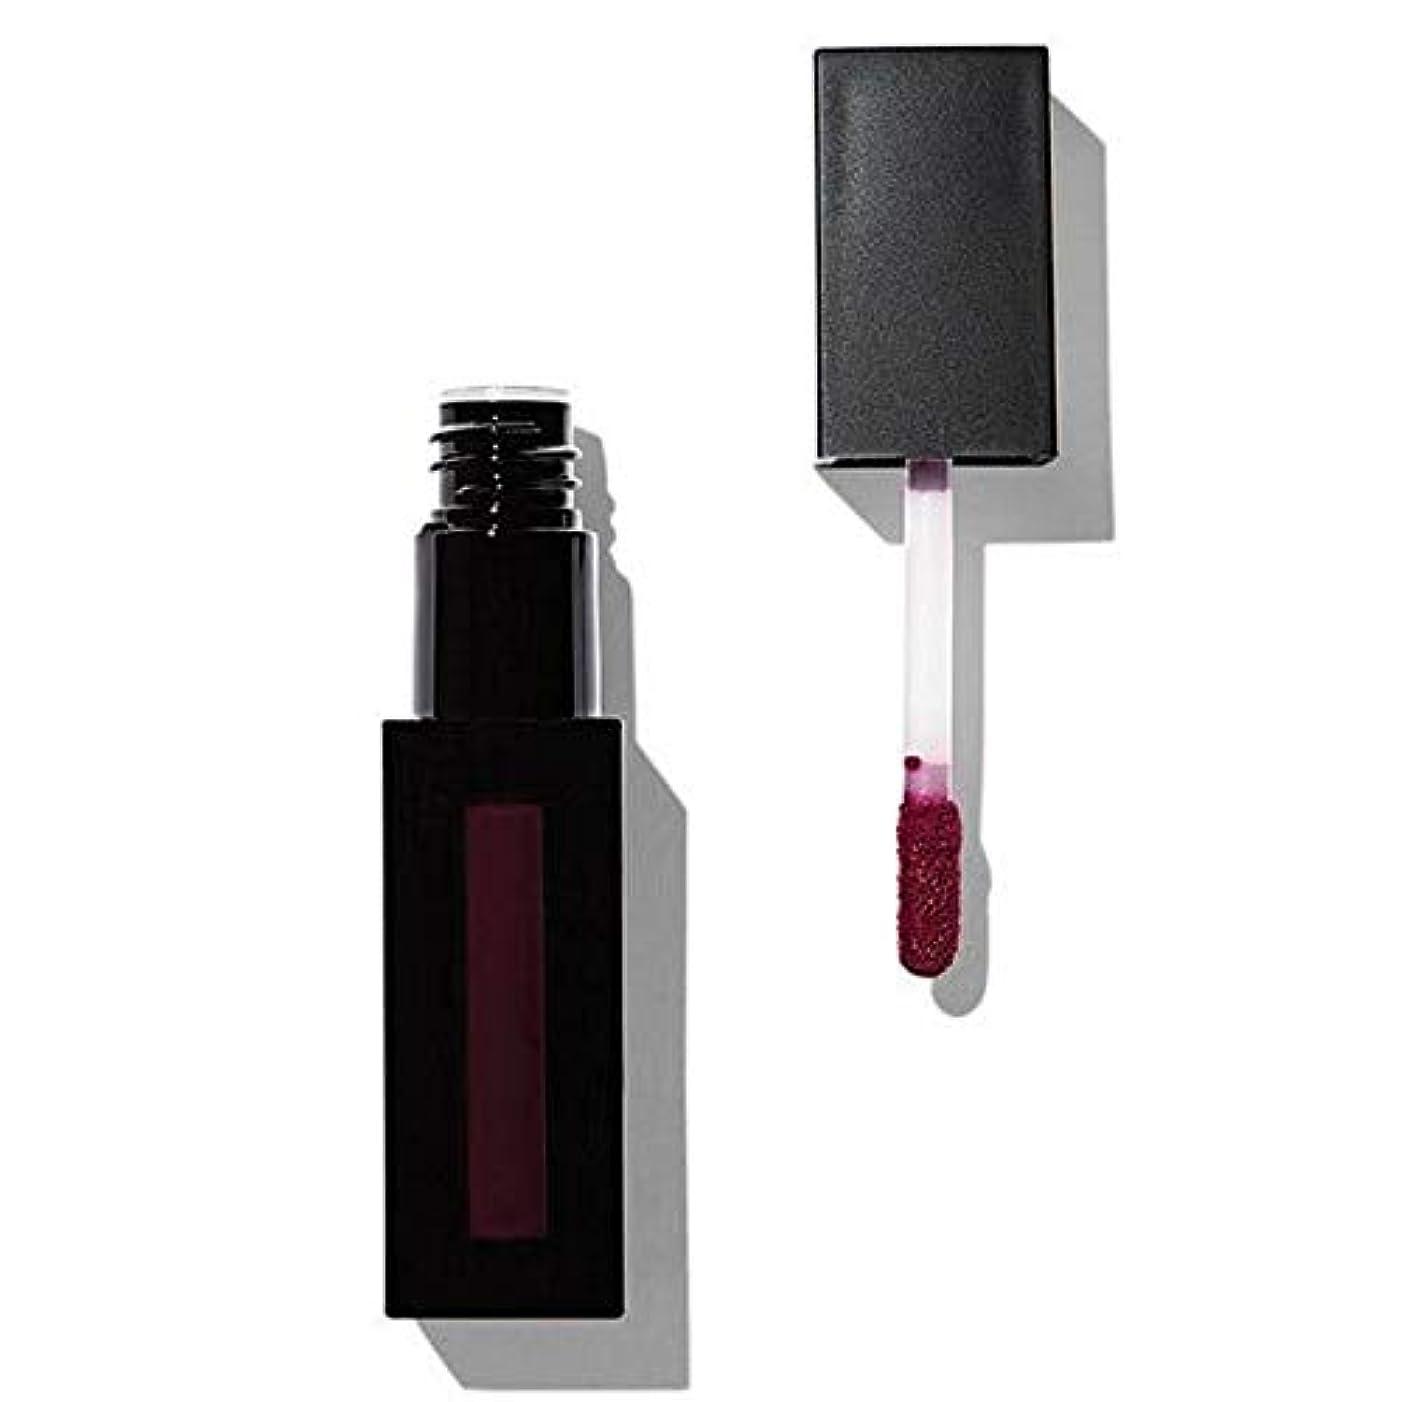 ミトン病な脱獄[Revolution ] 革命プロ最高のマットリップ顔料勘 - Revolution Pro Supreme Matte Lip Pigment Intuition [並行輸入品]